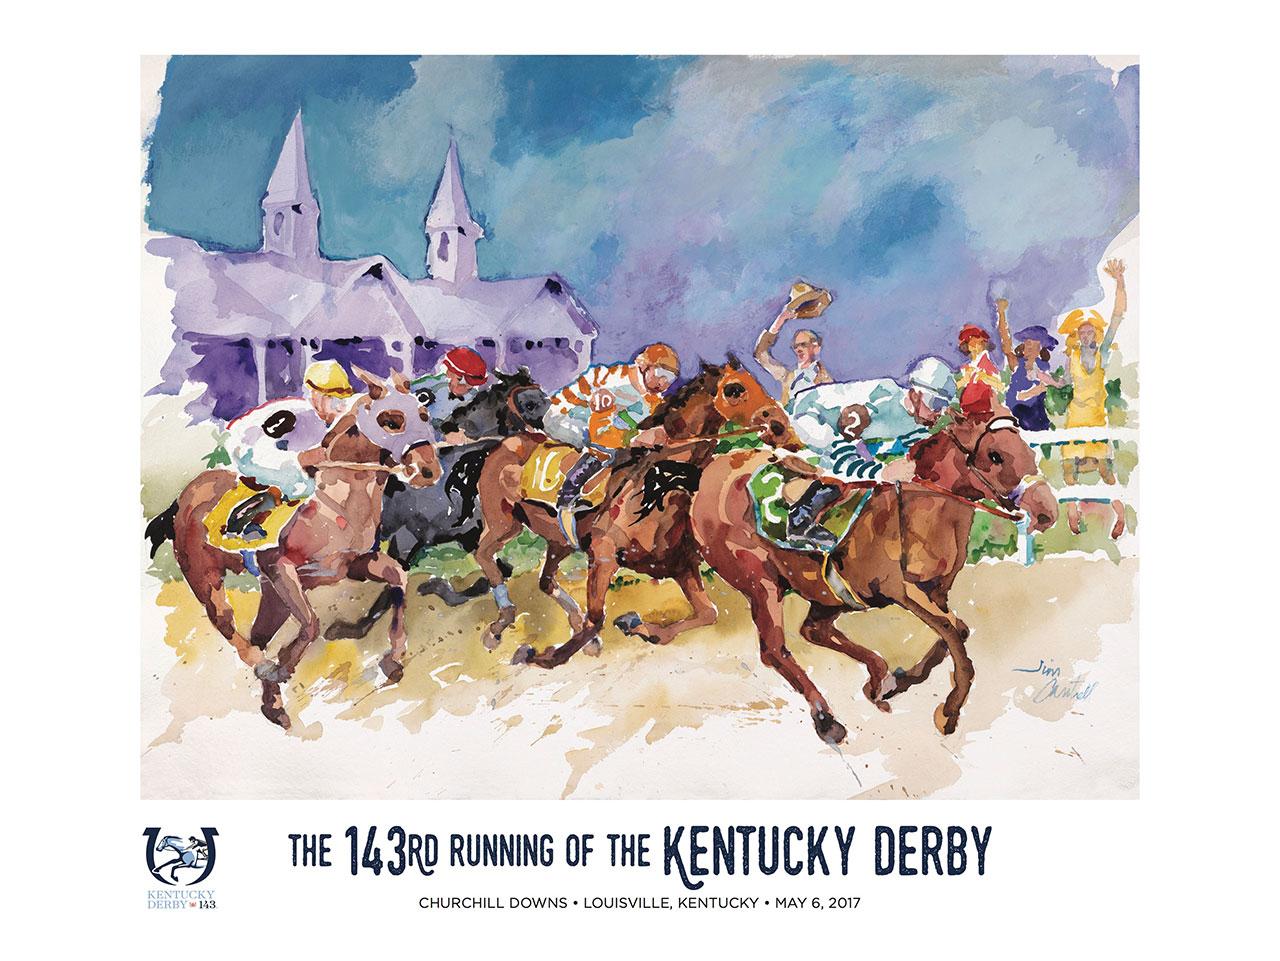 https://www.kentuckyderby.com/uploads/news-images/2016/ART-2017-Kentucky-Derby.jpg